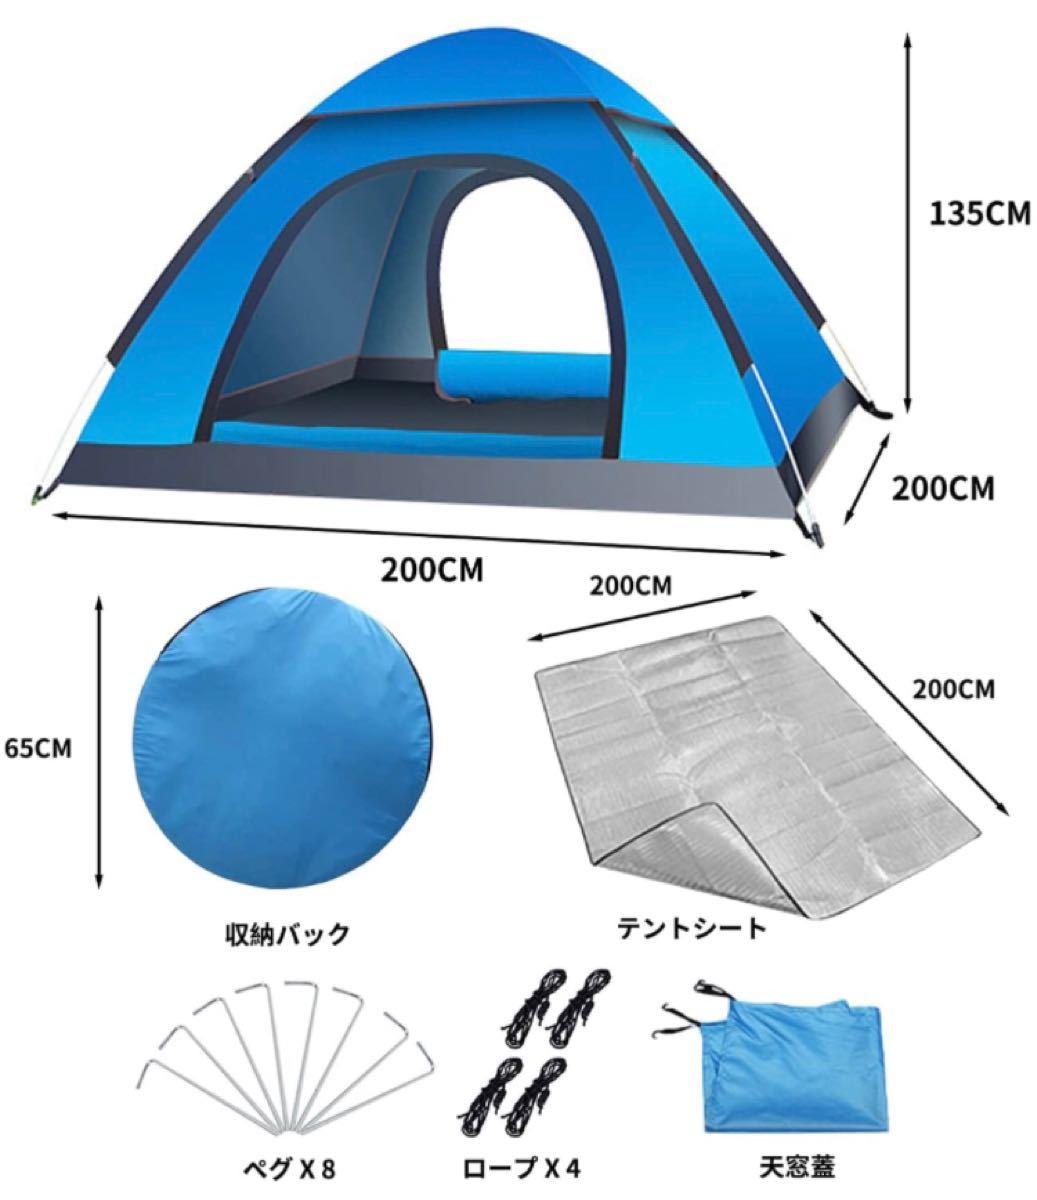 テント ワンタッチ 3-4人用 テントシート付き アウトドア用 設営簡単 uvカット 防風防水 折りたたみ